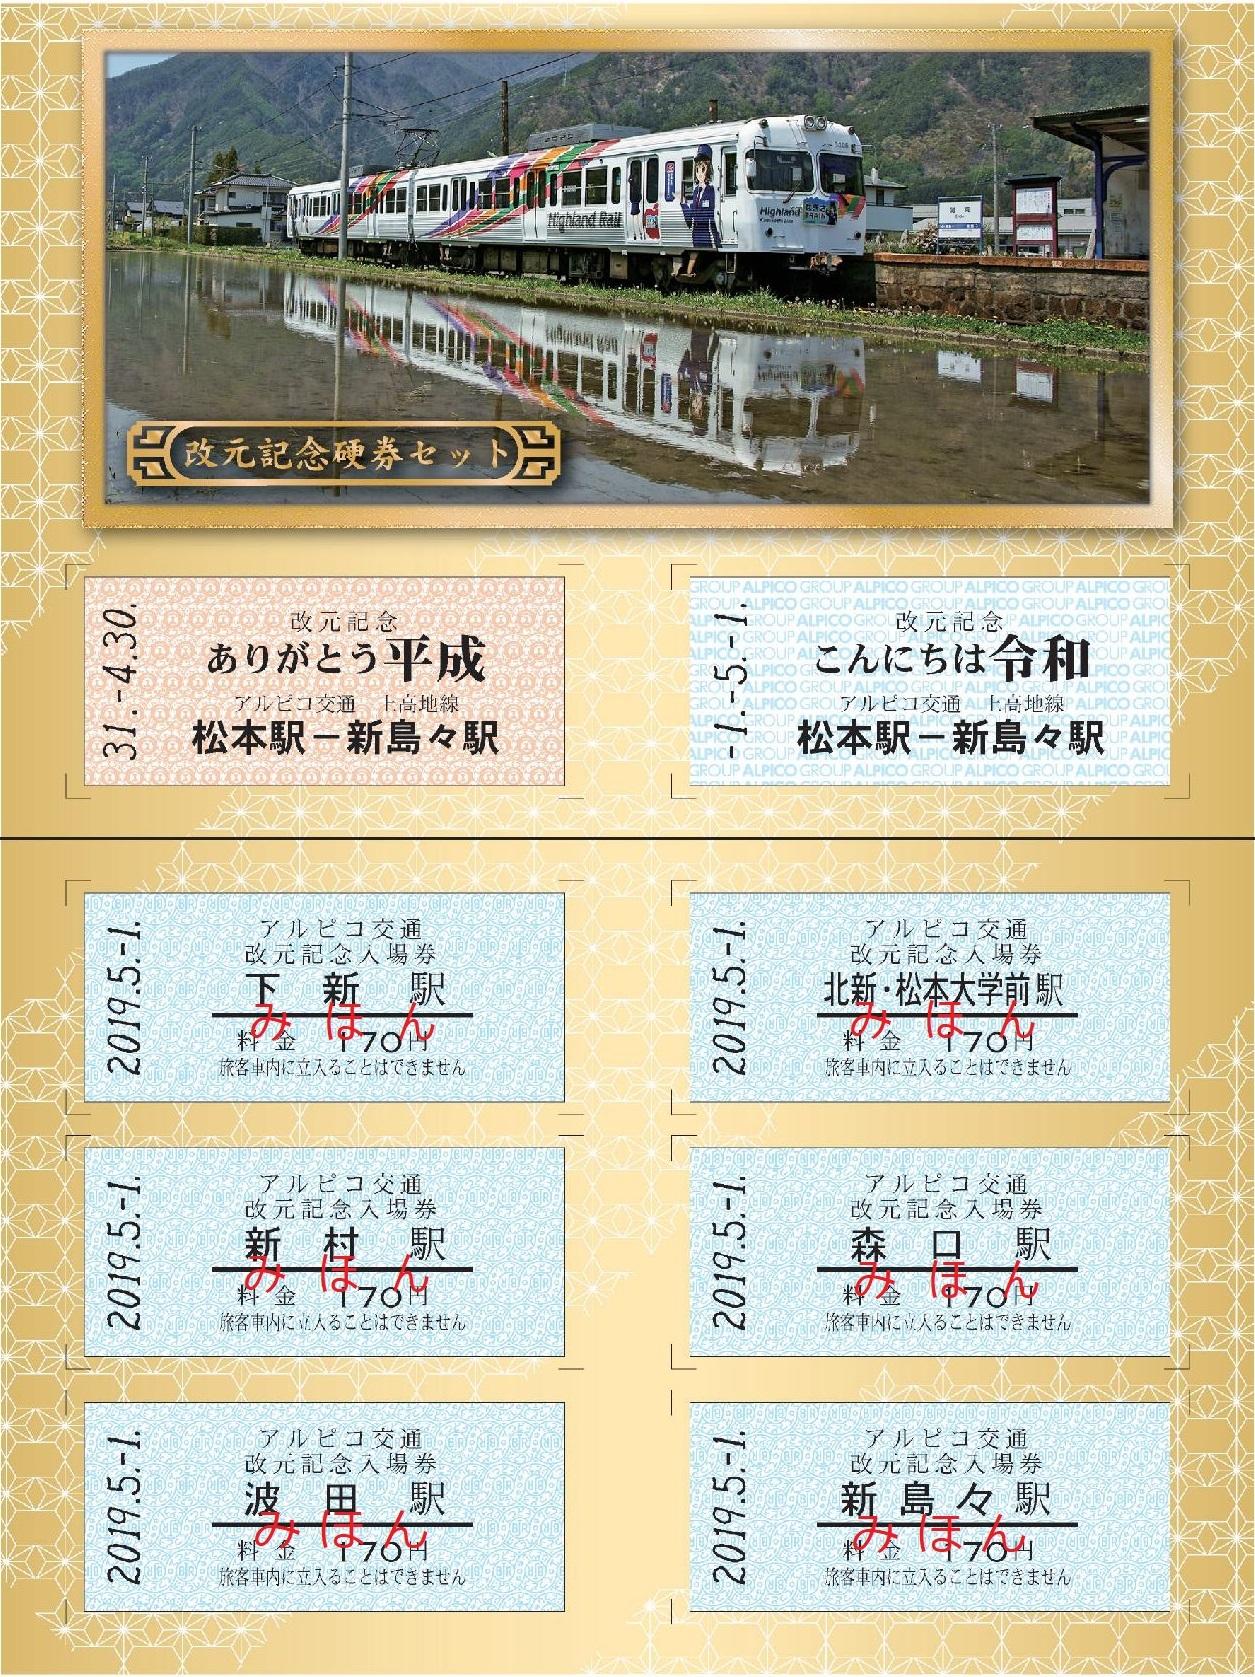 改元記念硬券セット(イメージ)